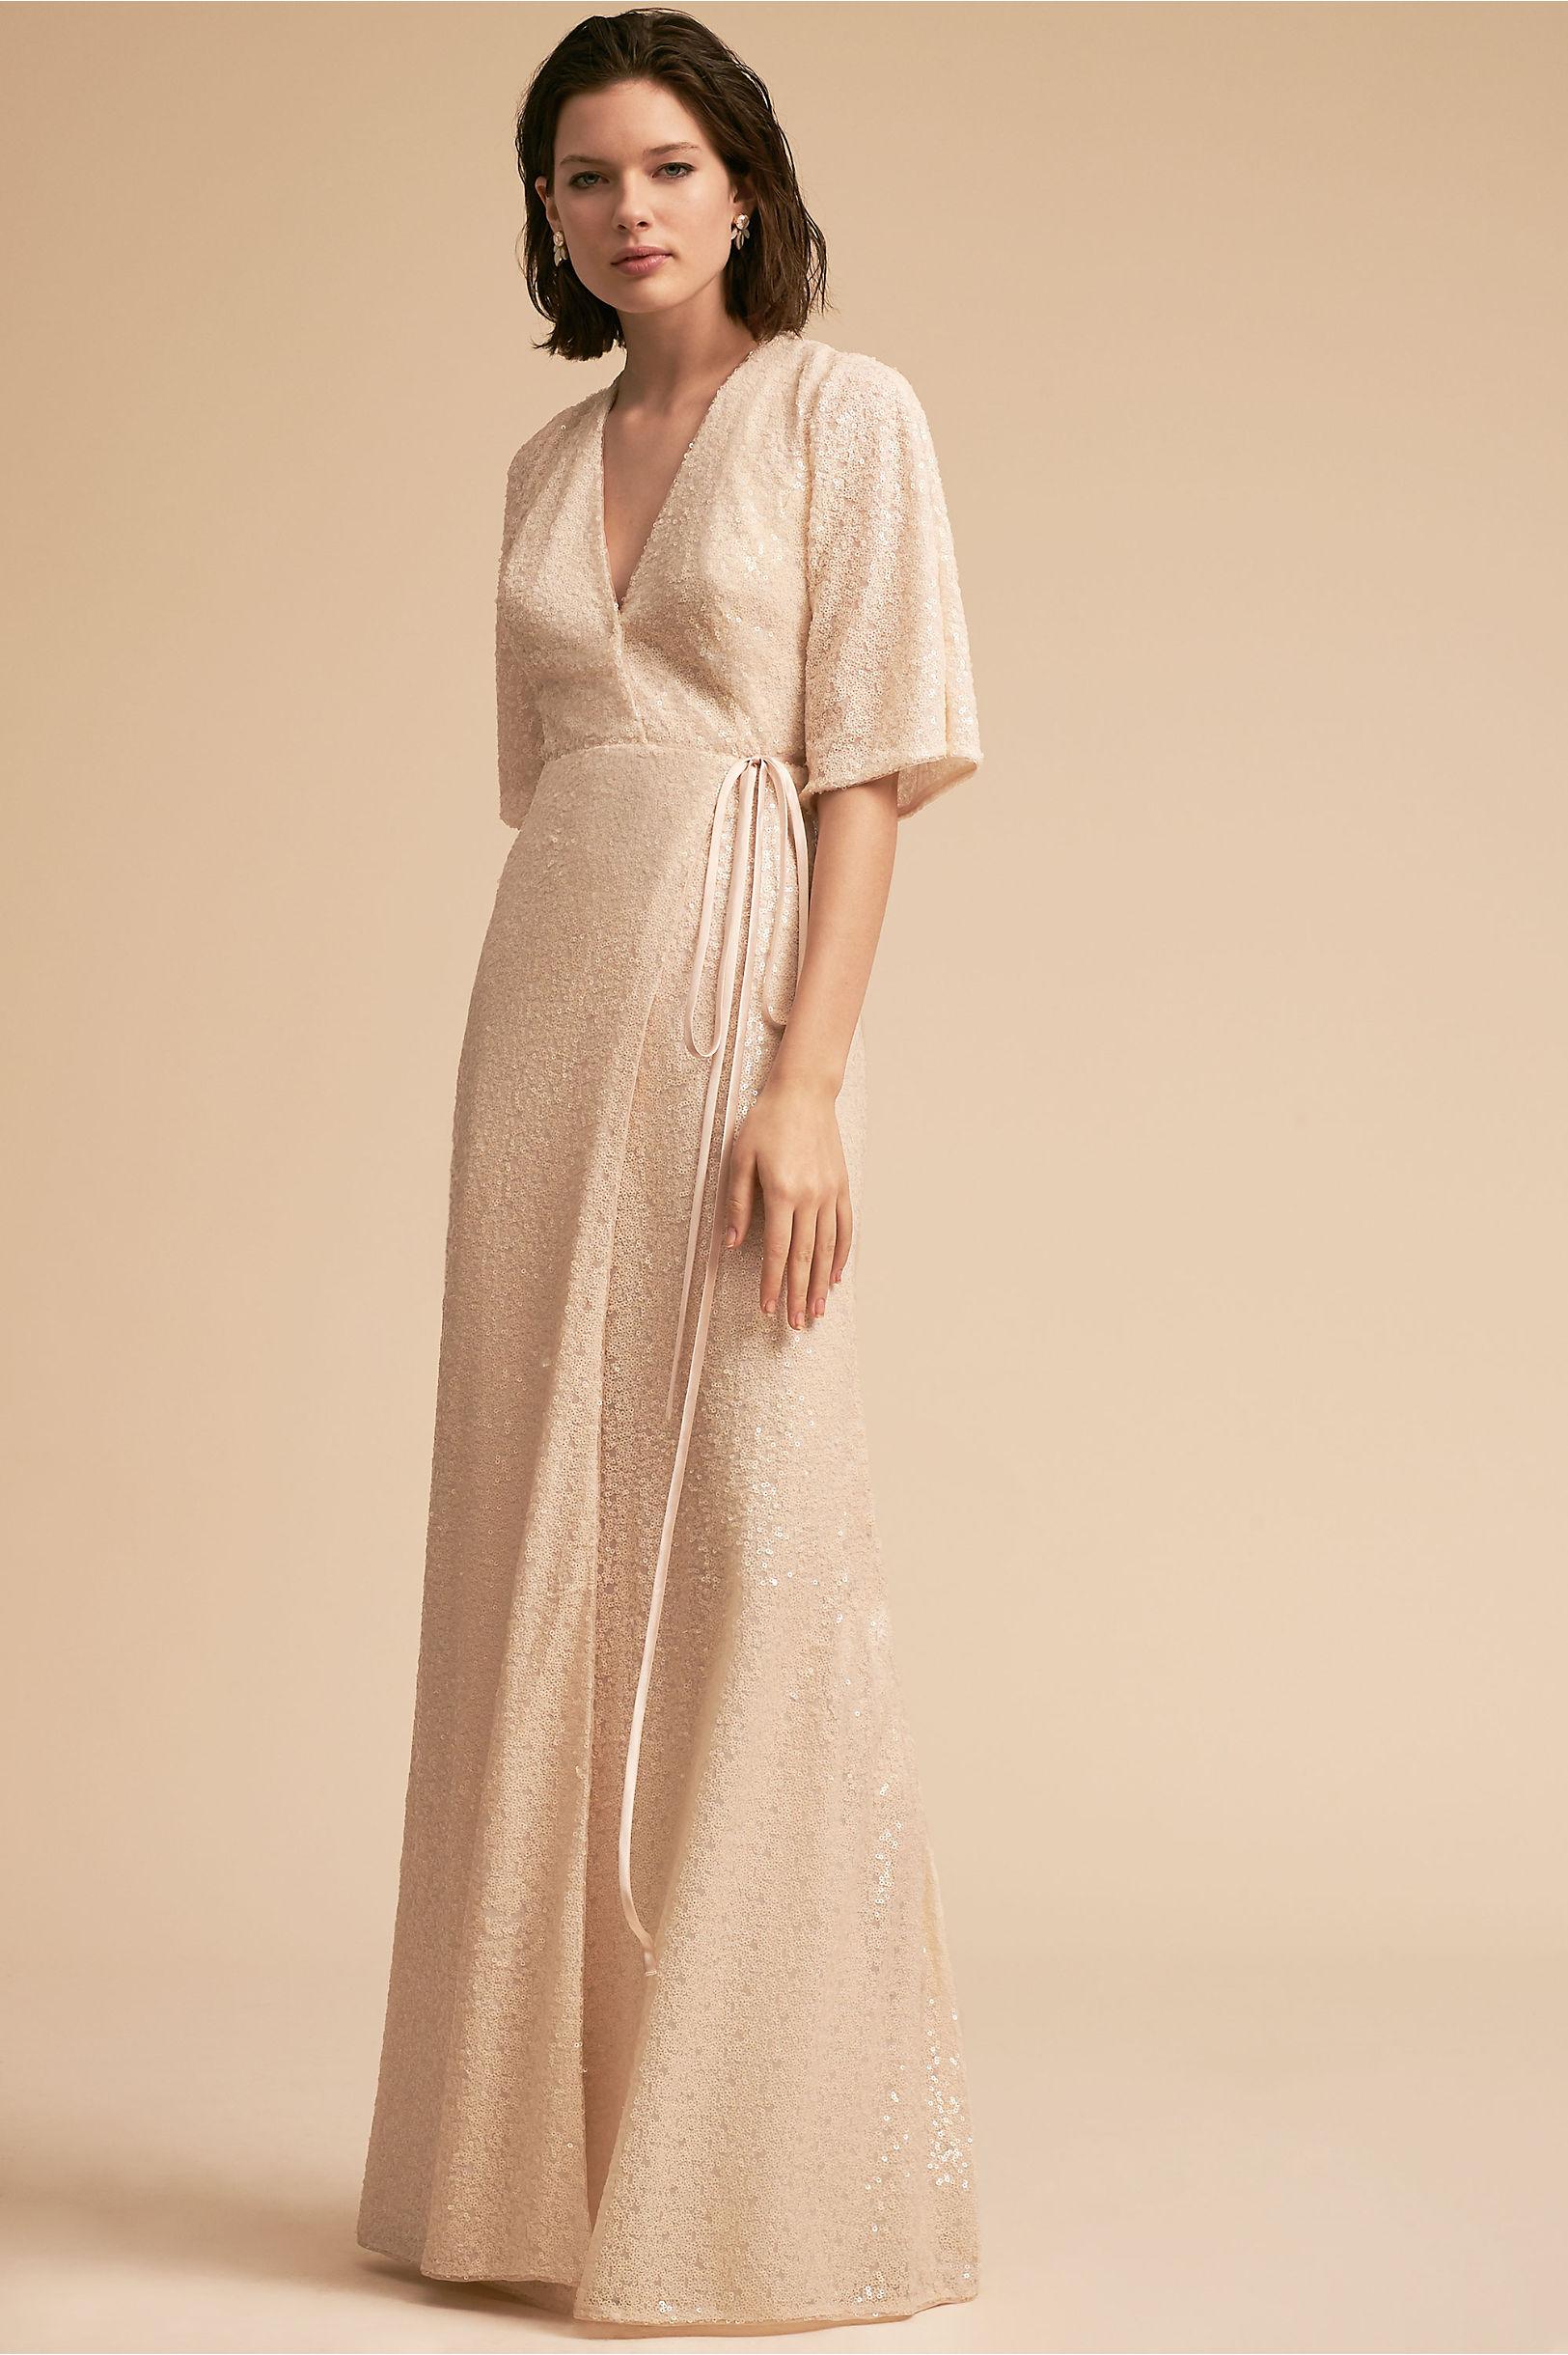 Jordana Dress in Sale | BHLDN